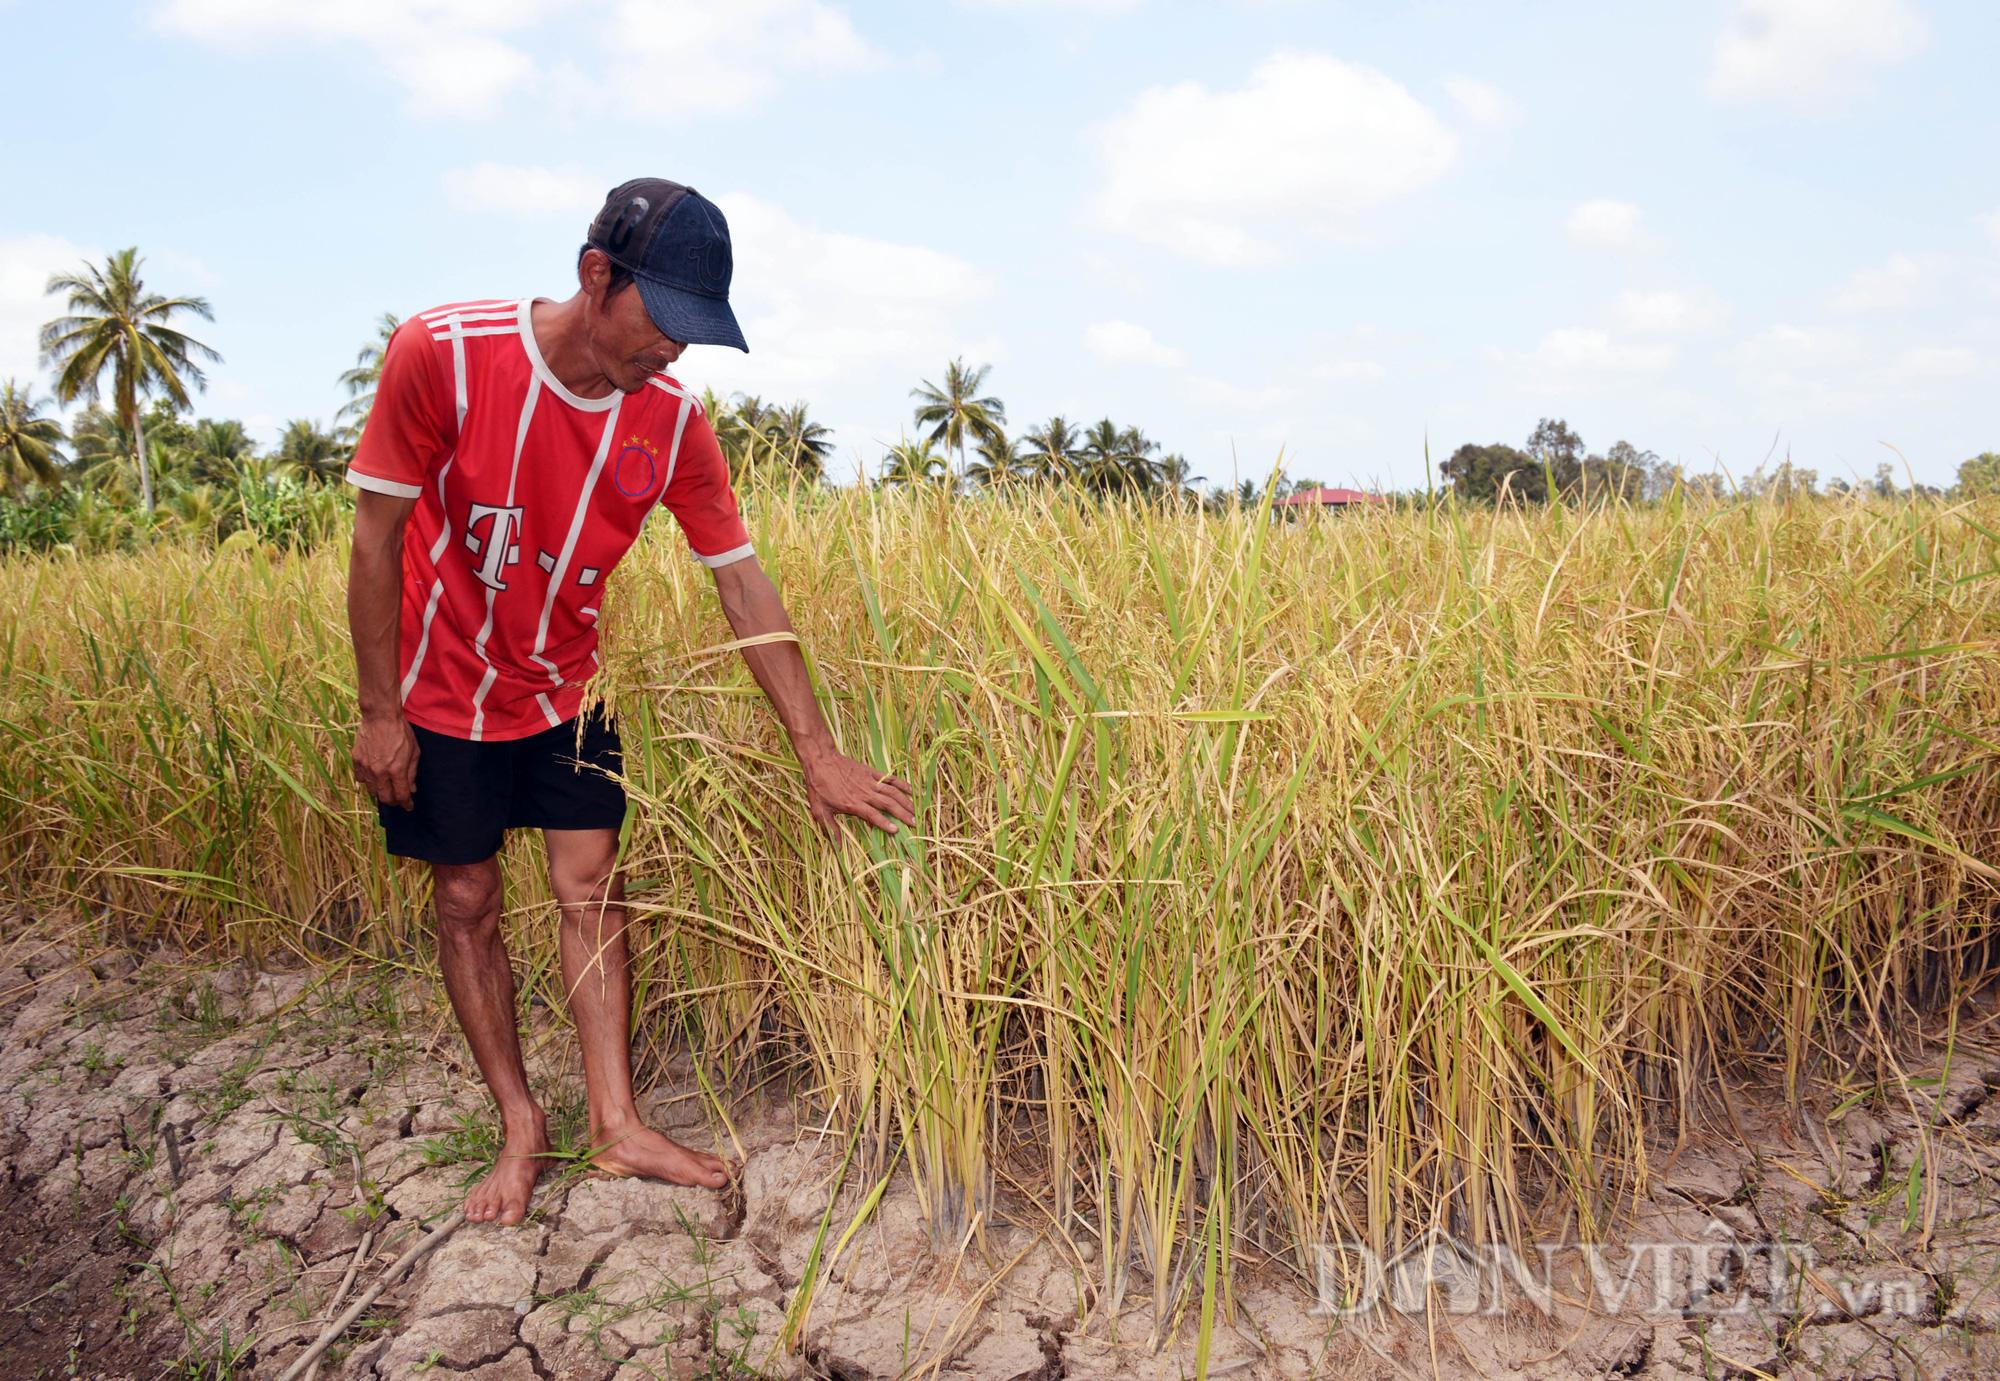 Hạn hán kỷ lục tại Nam Trung Bộ và Tây Nguyên: Sông hồ trơ đáy, đồng khát, lúa chết - Ảnh 2.